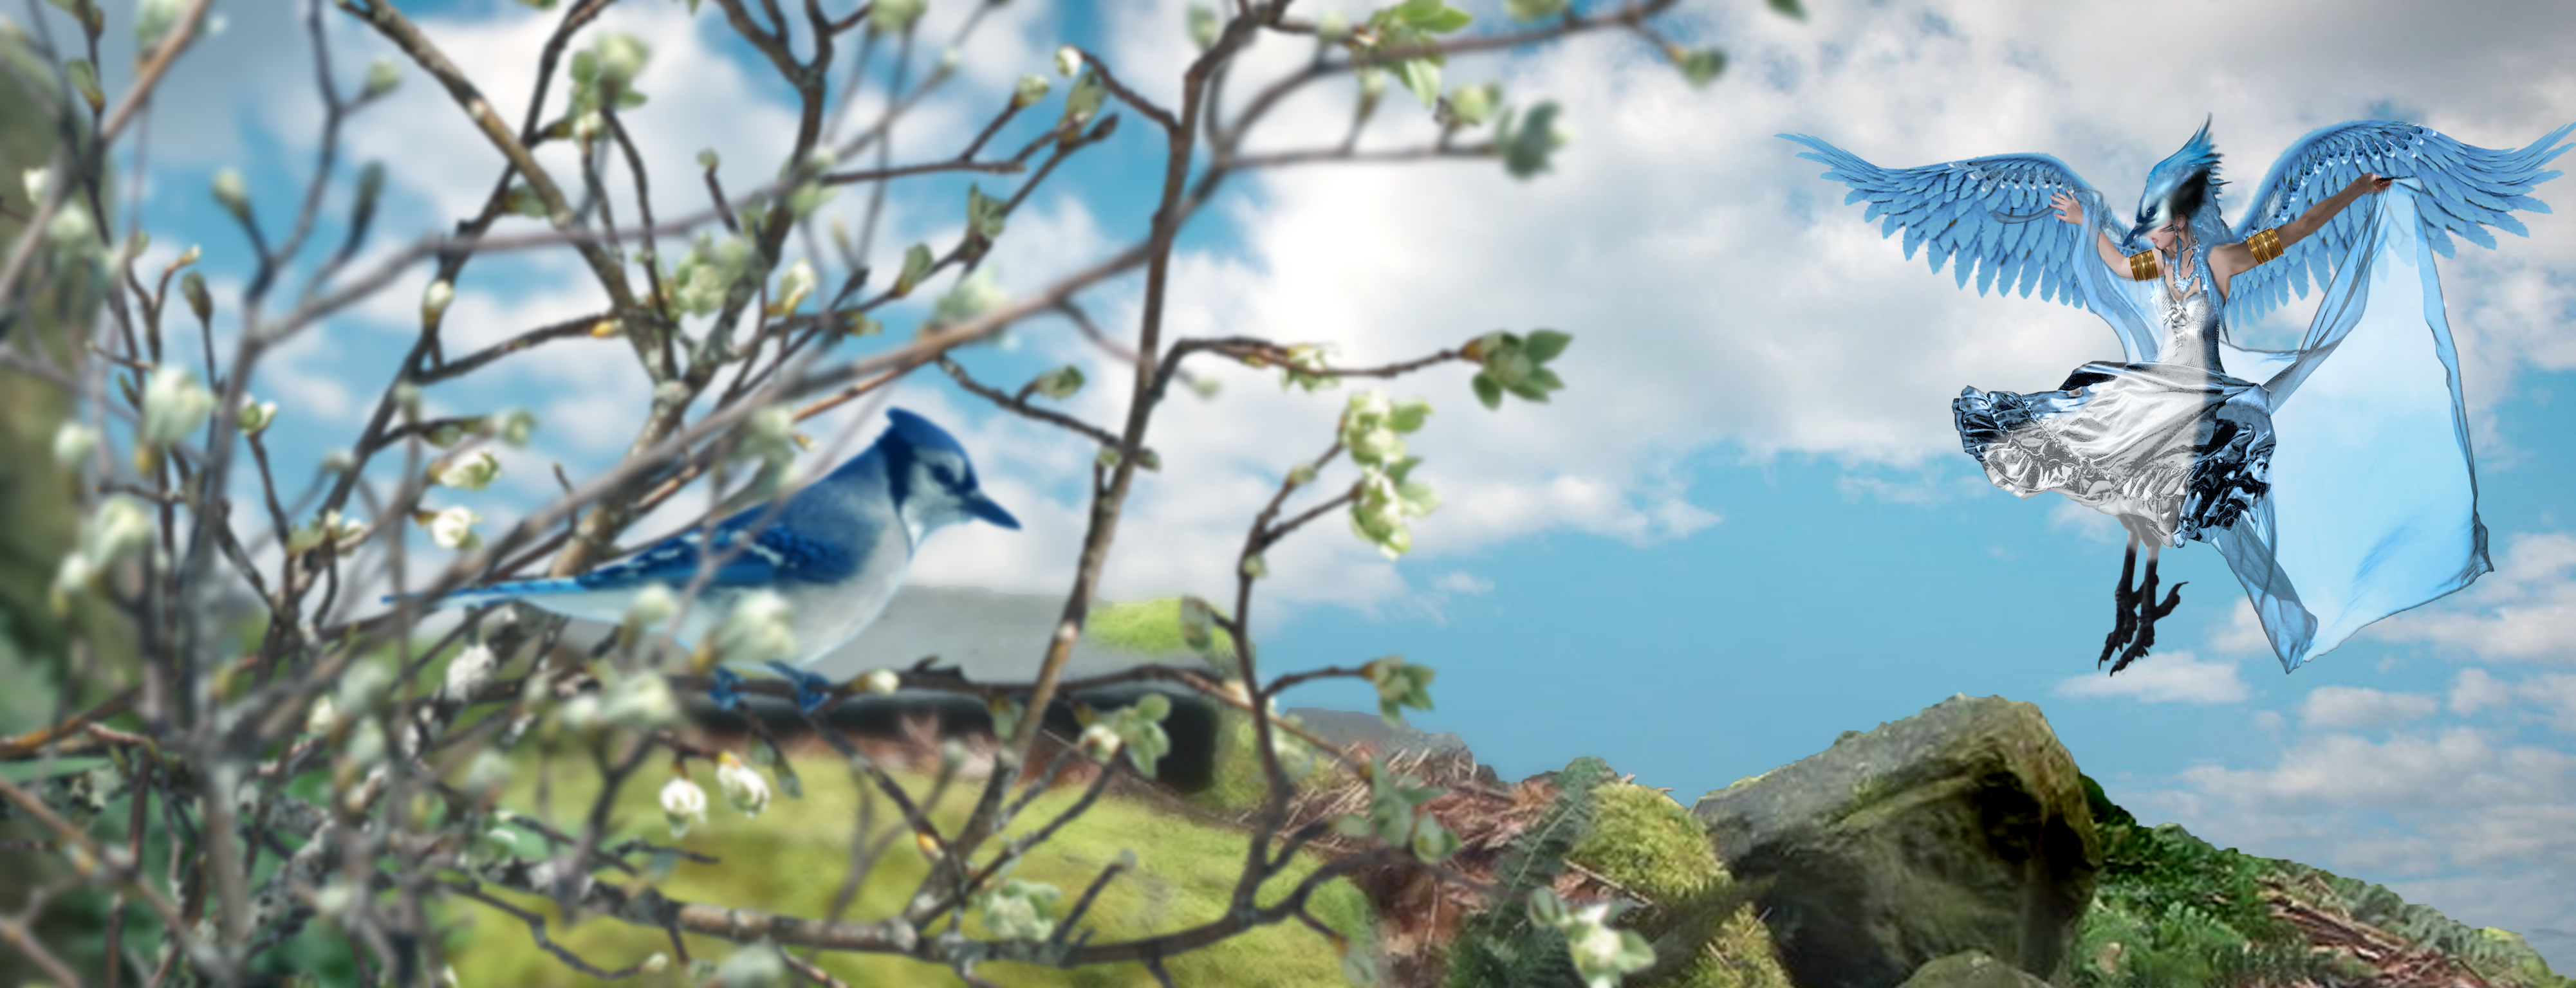 Spirit Of The Bluebird by SybilThorn